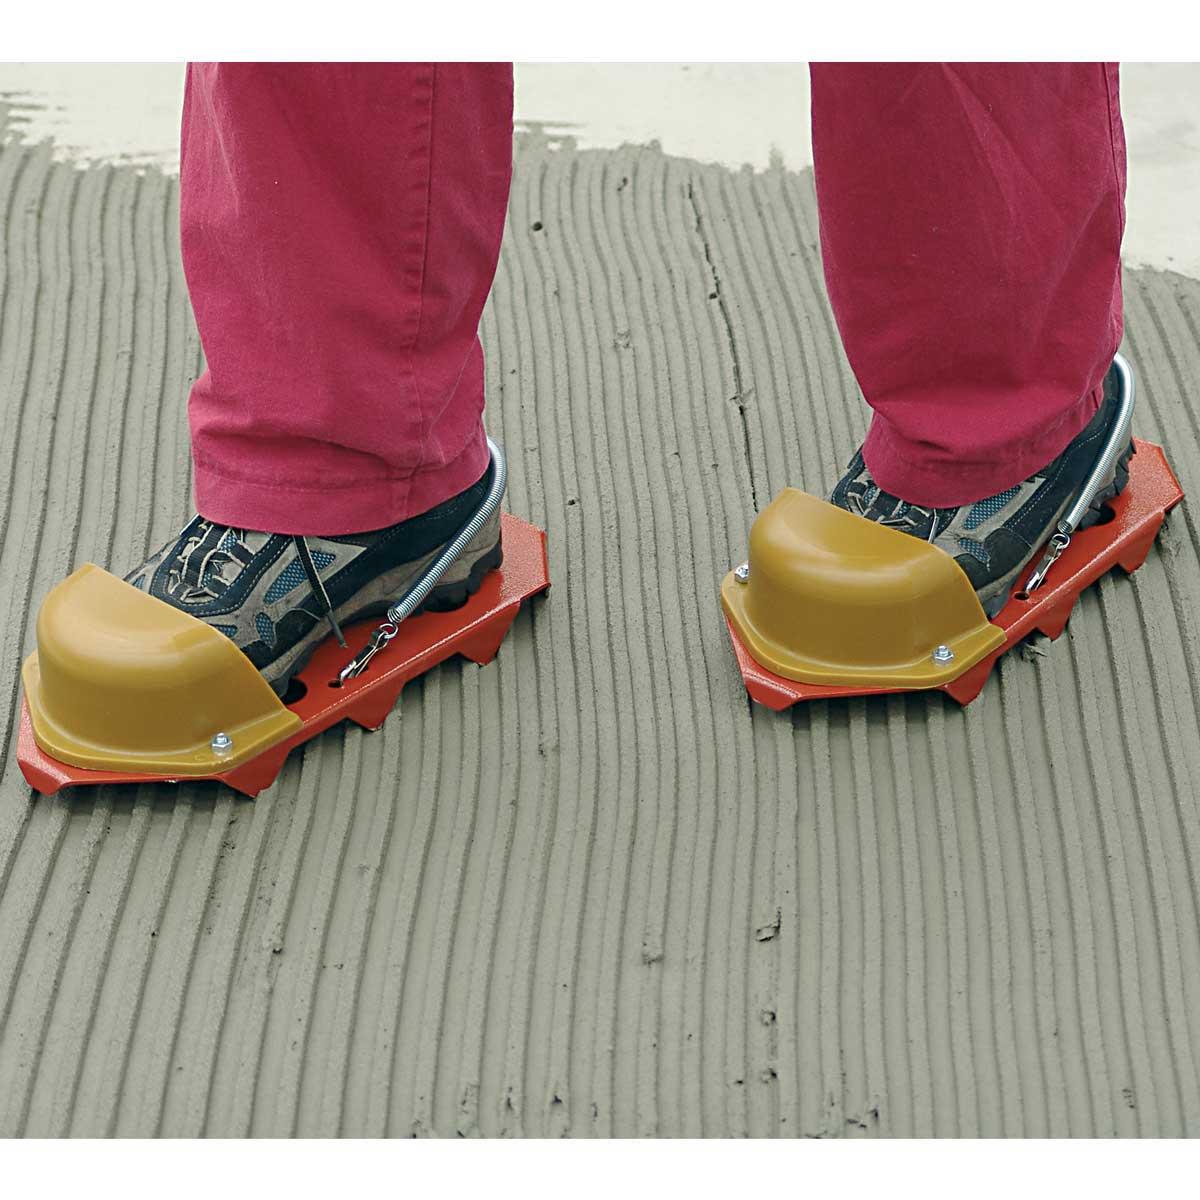 Raimondi Thinset Shoes for Walking on Adhesive LTSMS